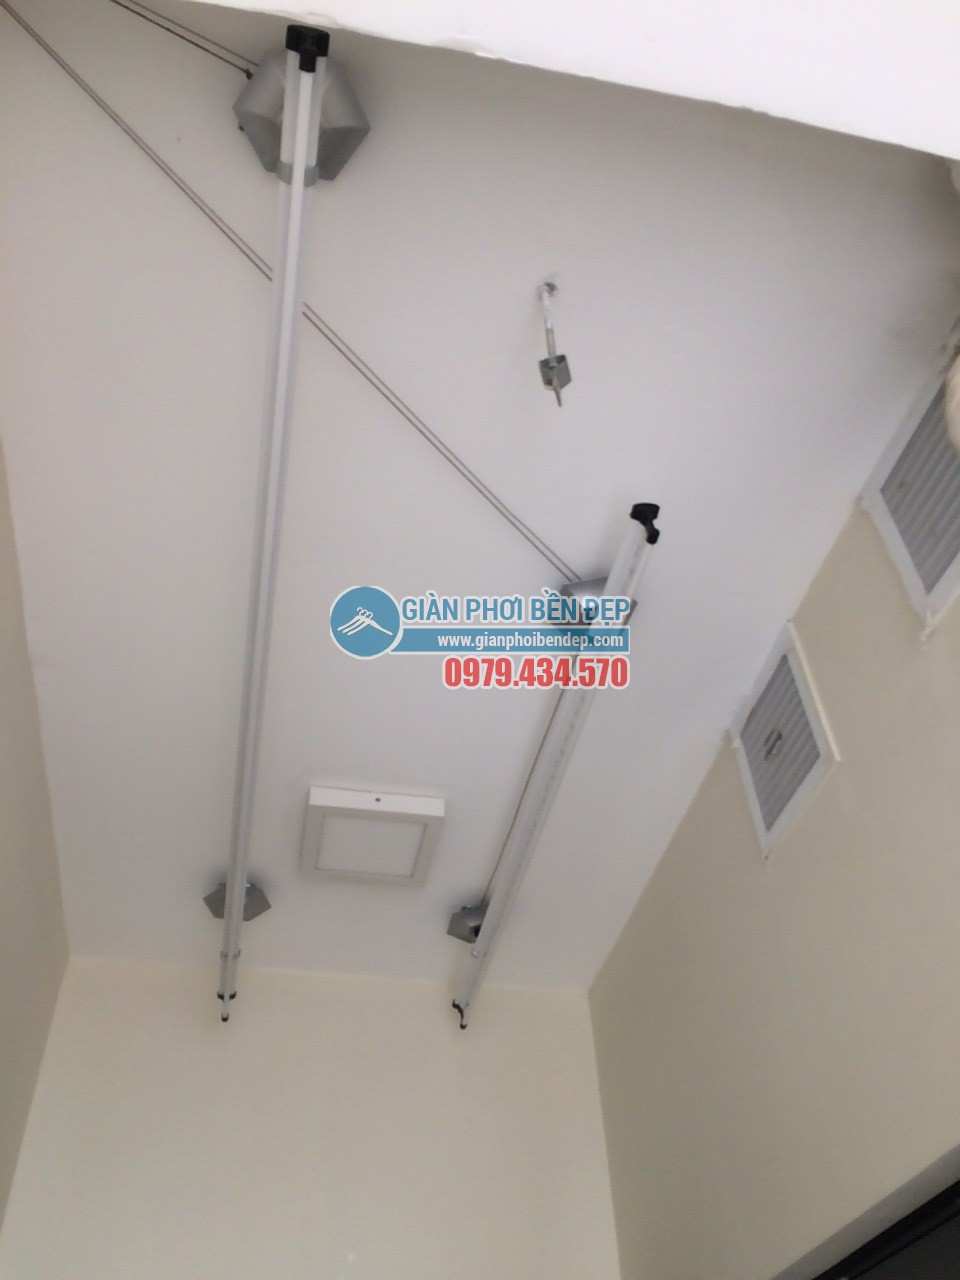 Hoàn thiện lắp đặt giàn phơi thông minh nhà chị Tâm, chung cư 75 Tam Trinh - 05